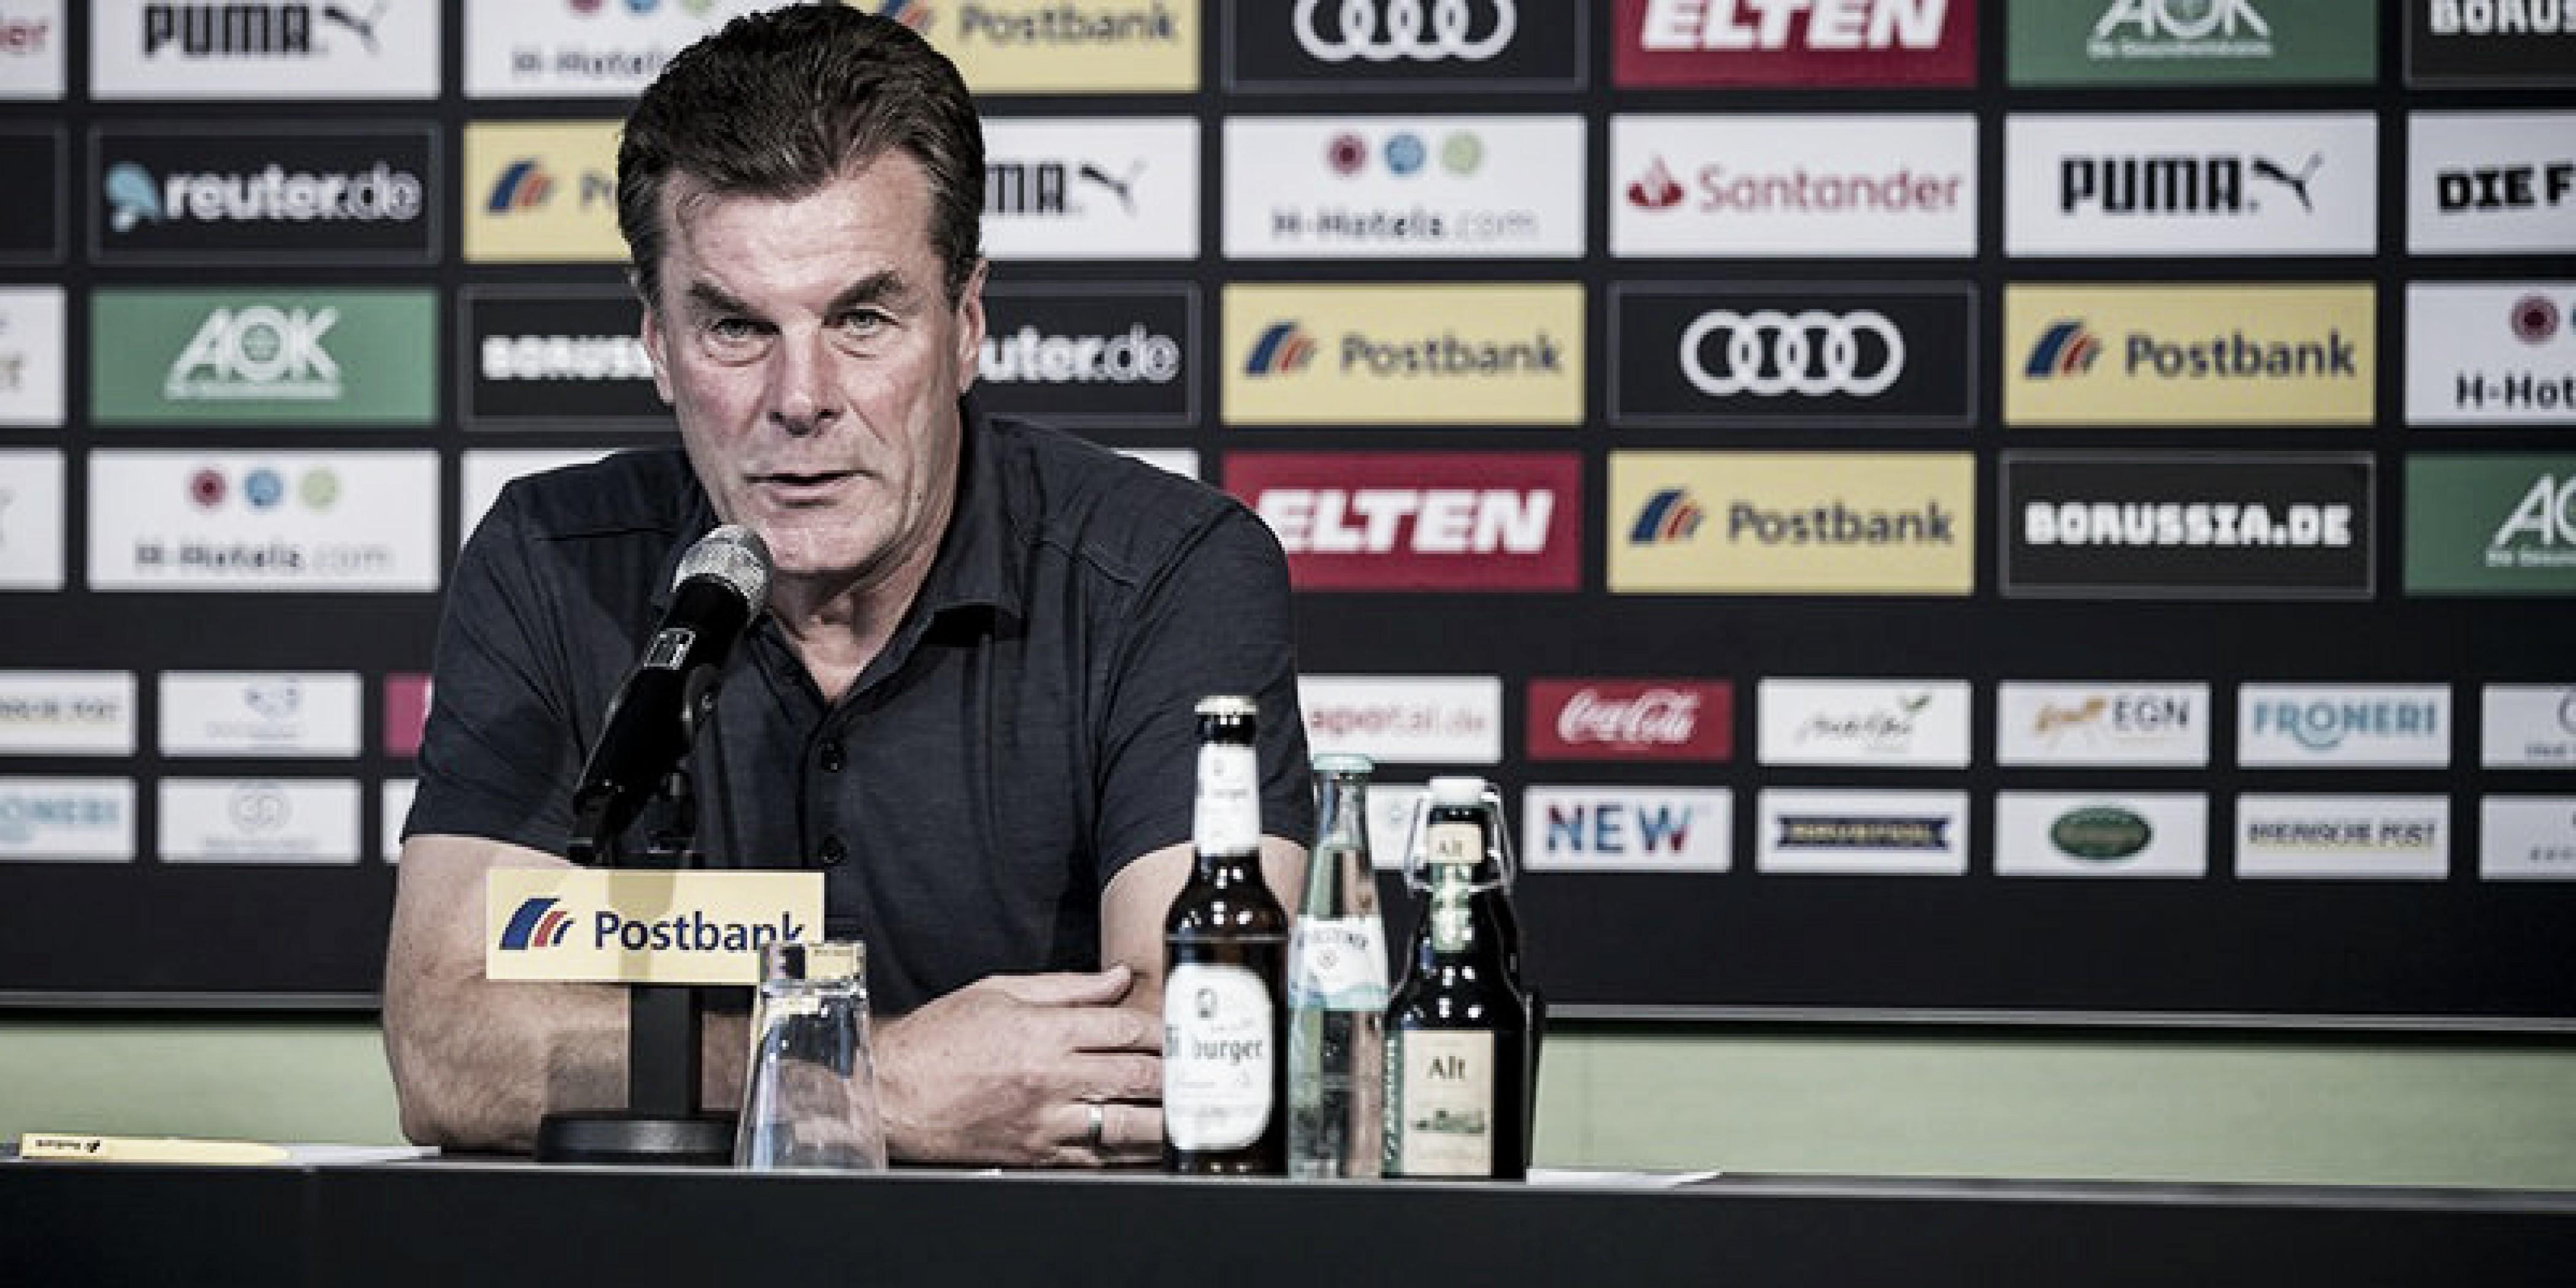 """Hecking admite queBorussia Mönchengladbach mereceu revés: """"Podemos nos culpar"""""""